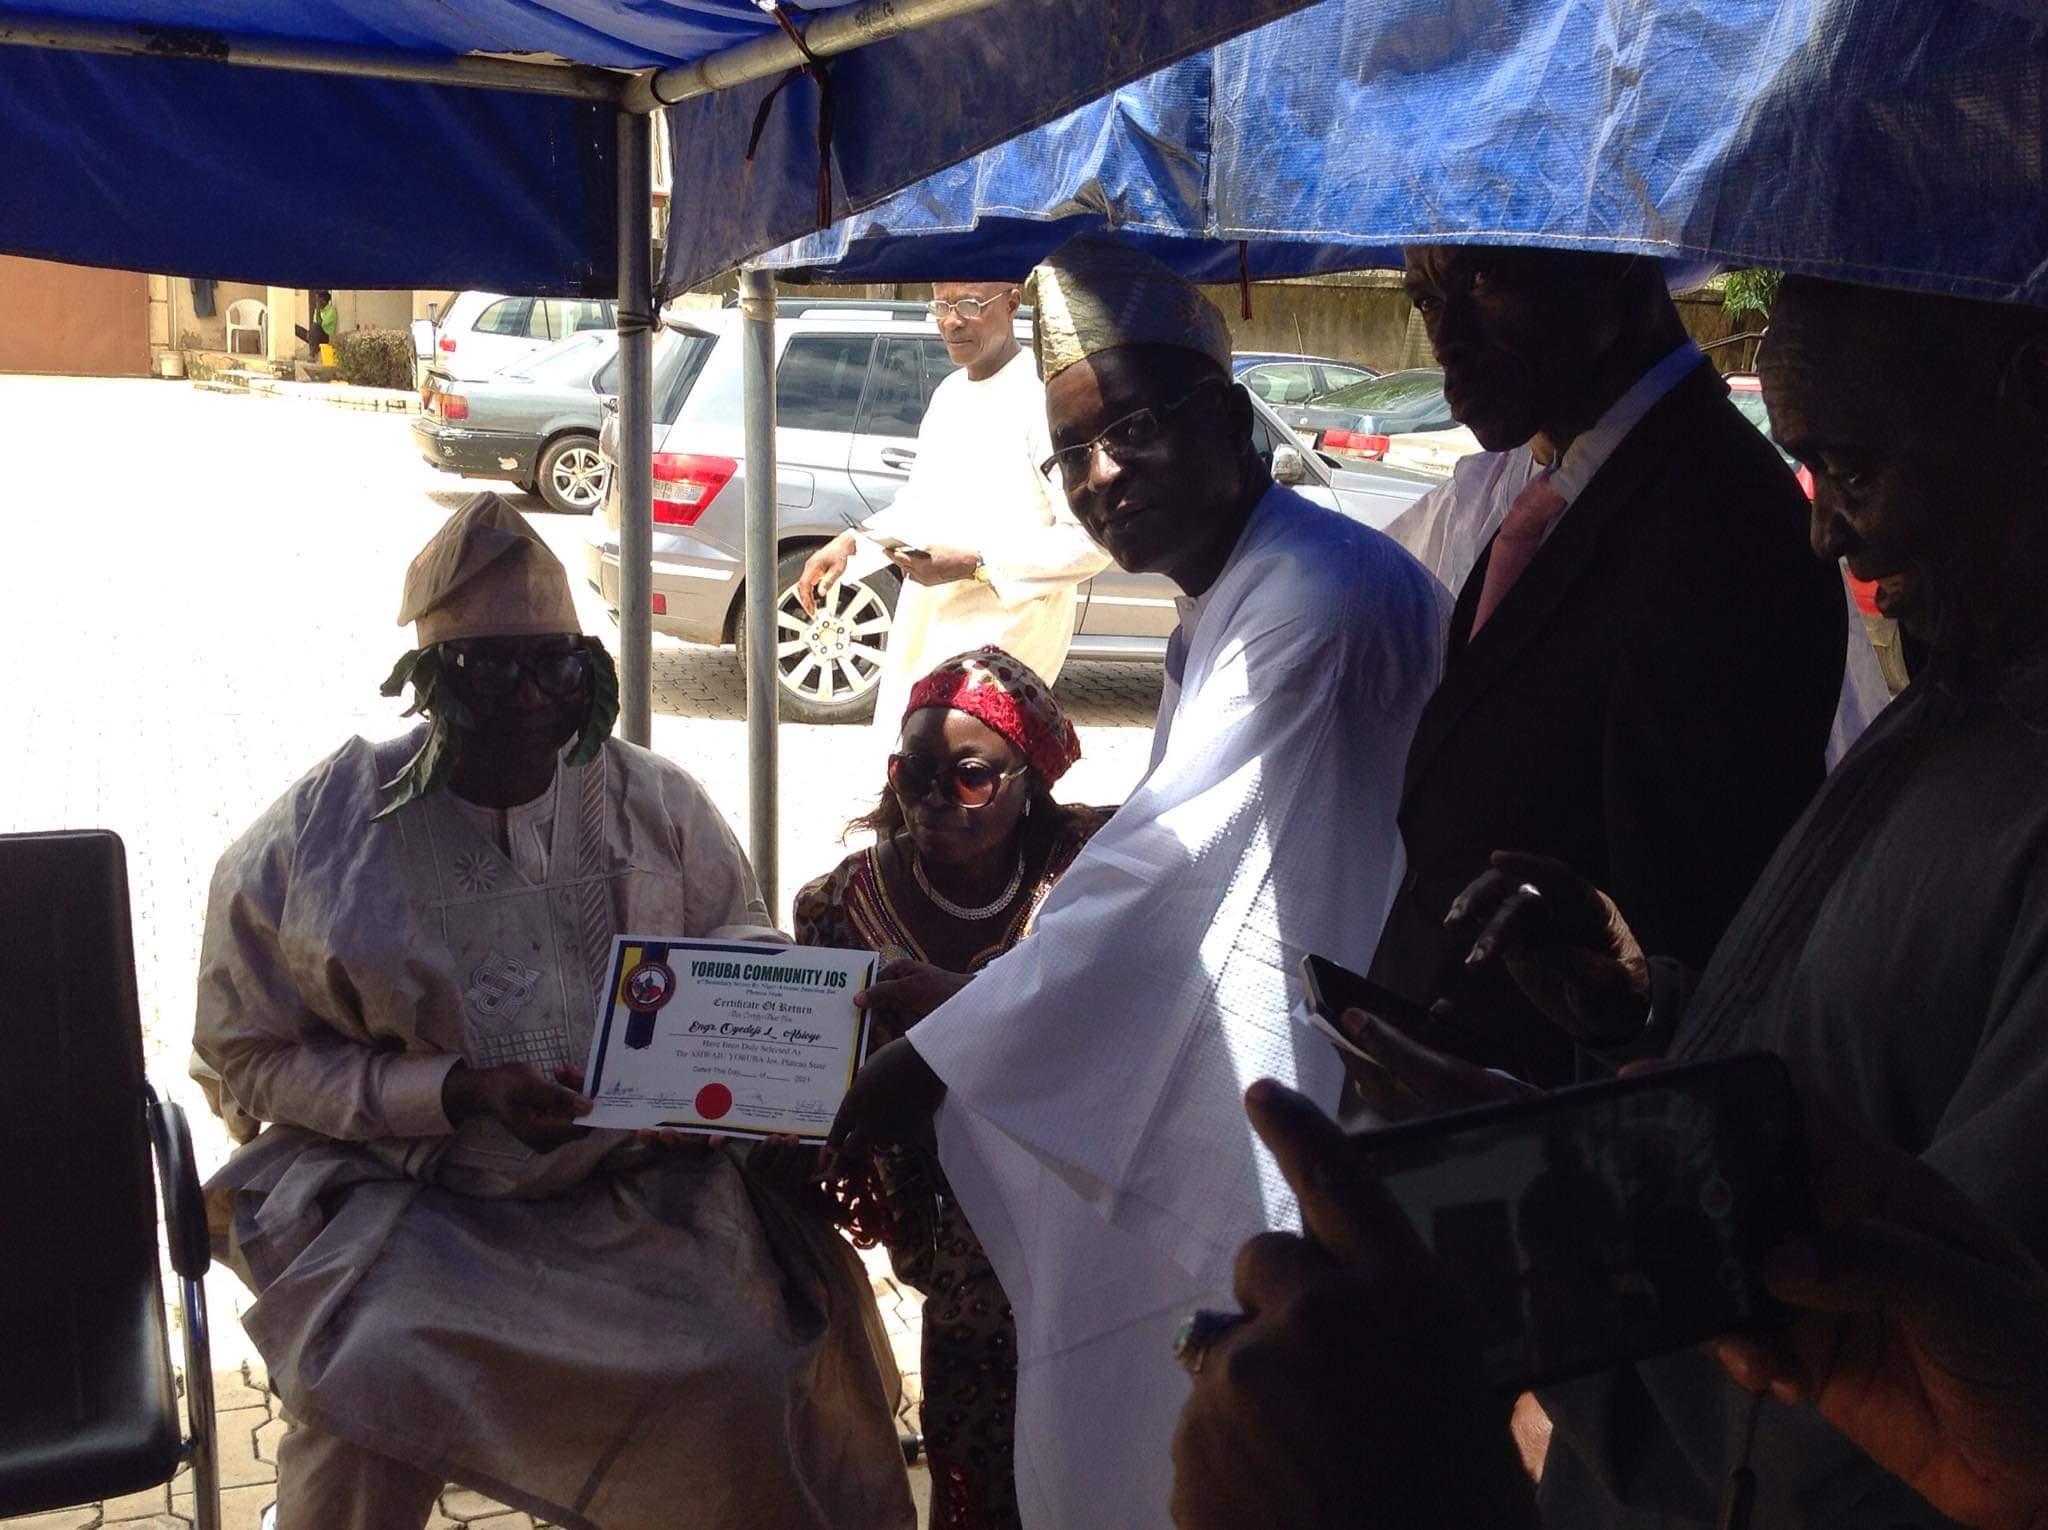 Engr. Oyedeji Abioye Emerges Asiwaju of Yoruba Community in Plateau State